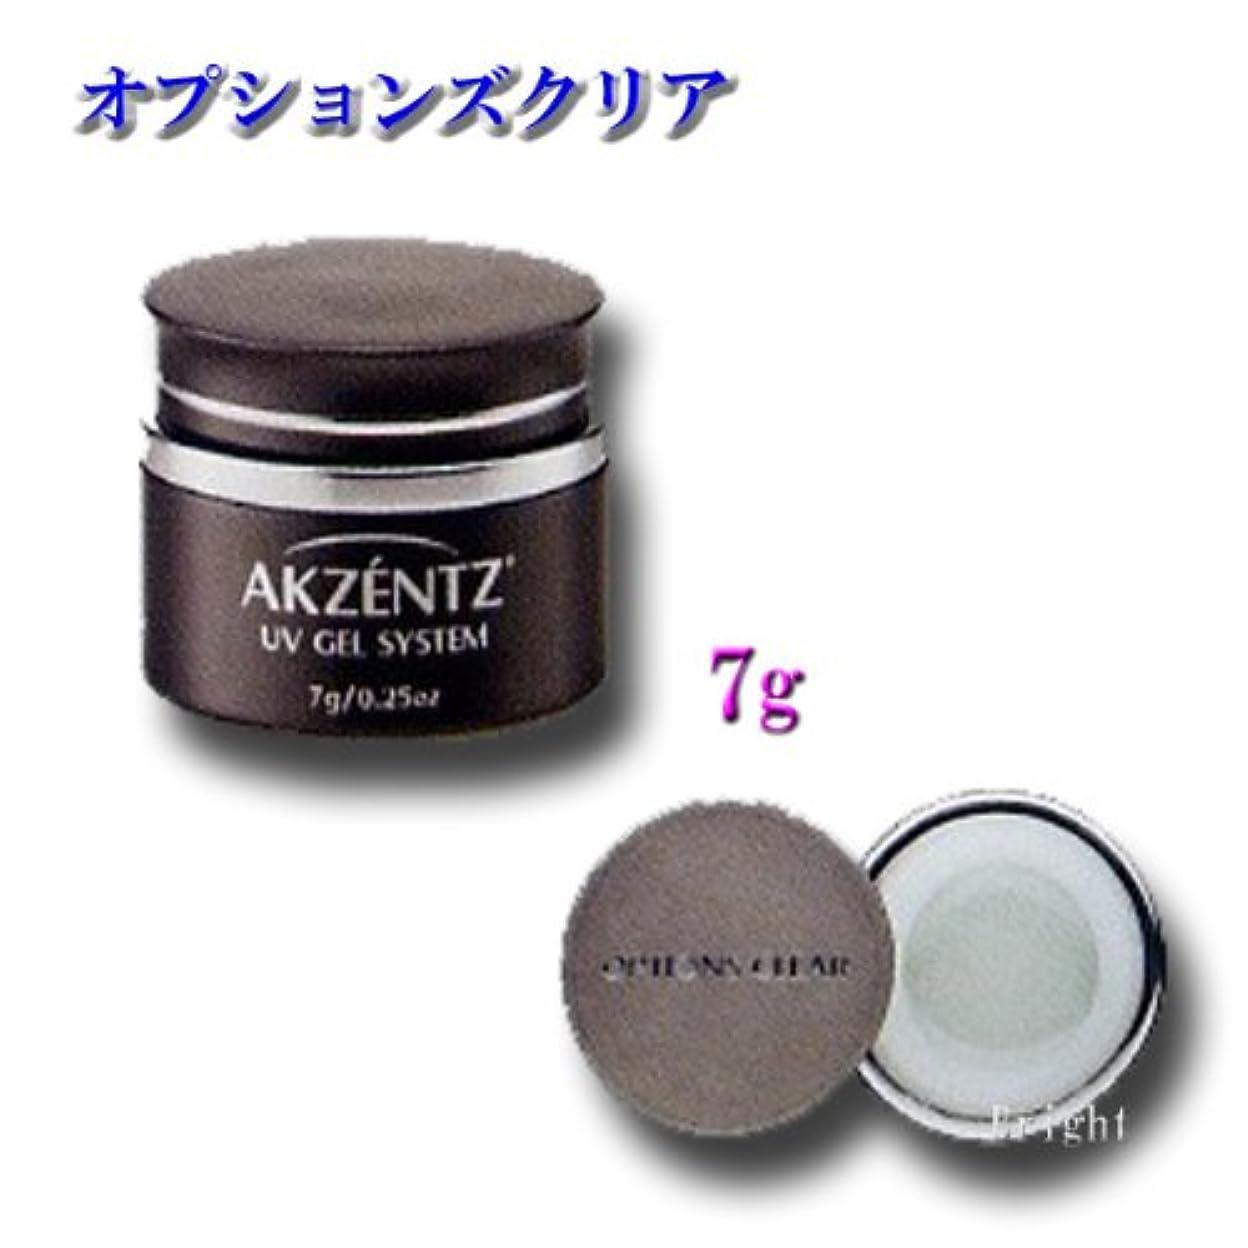 不健全空気意義アクセンツ(AKZENTZ) オプションズ クリア 7g